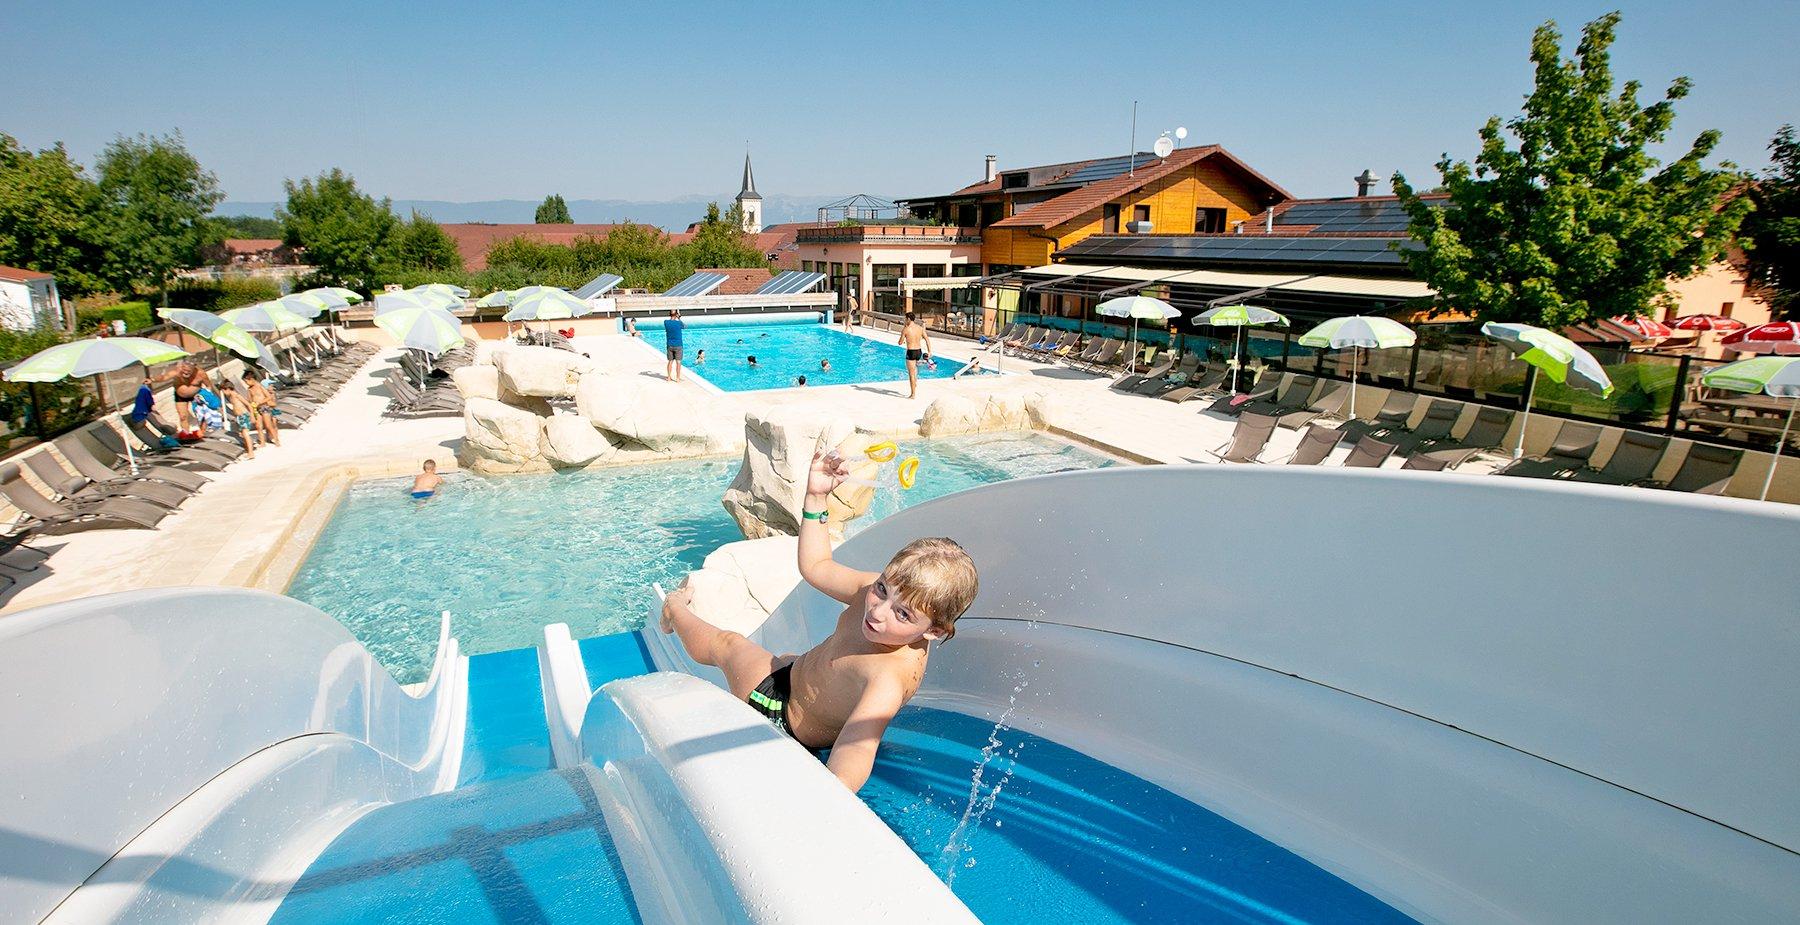 Camping 4 Étoiles Et Résidence De Vacances En Haute-Savoie à Camping A La Ferme Avec Piscine